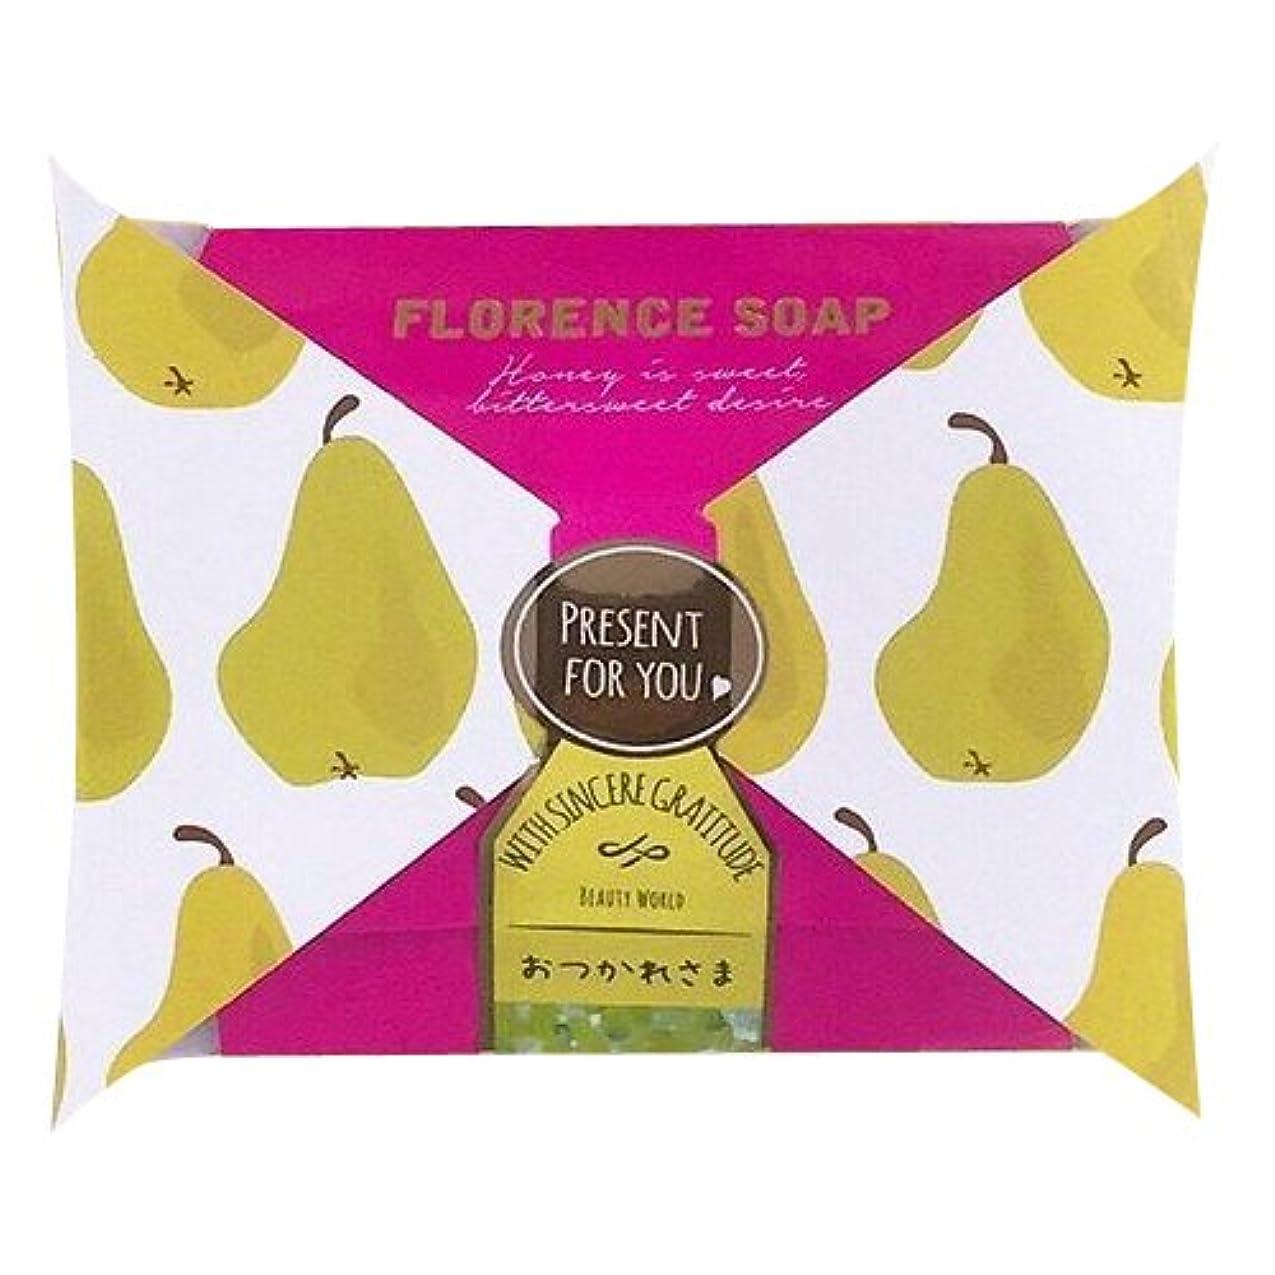 つぶす食堂多様なBW フローレンスの香り石けん リボンパッケージ FSP386 密の甘く切ない願い (35g)